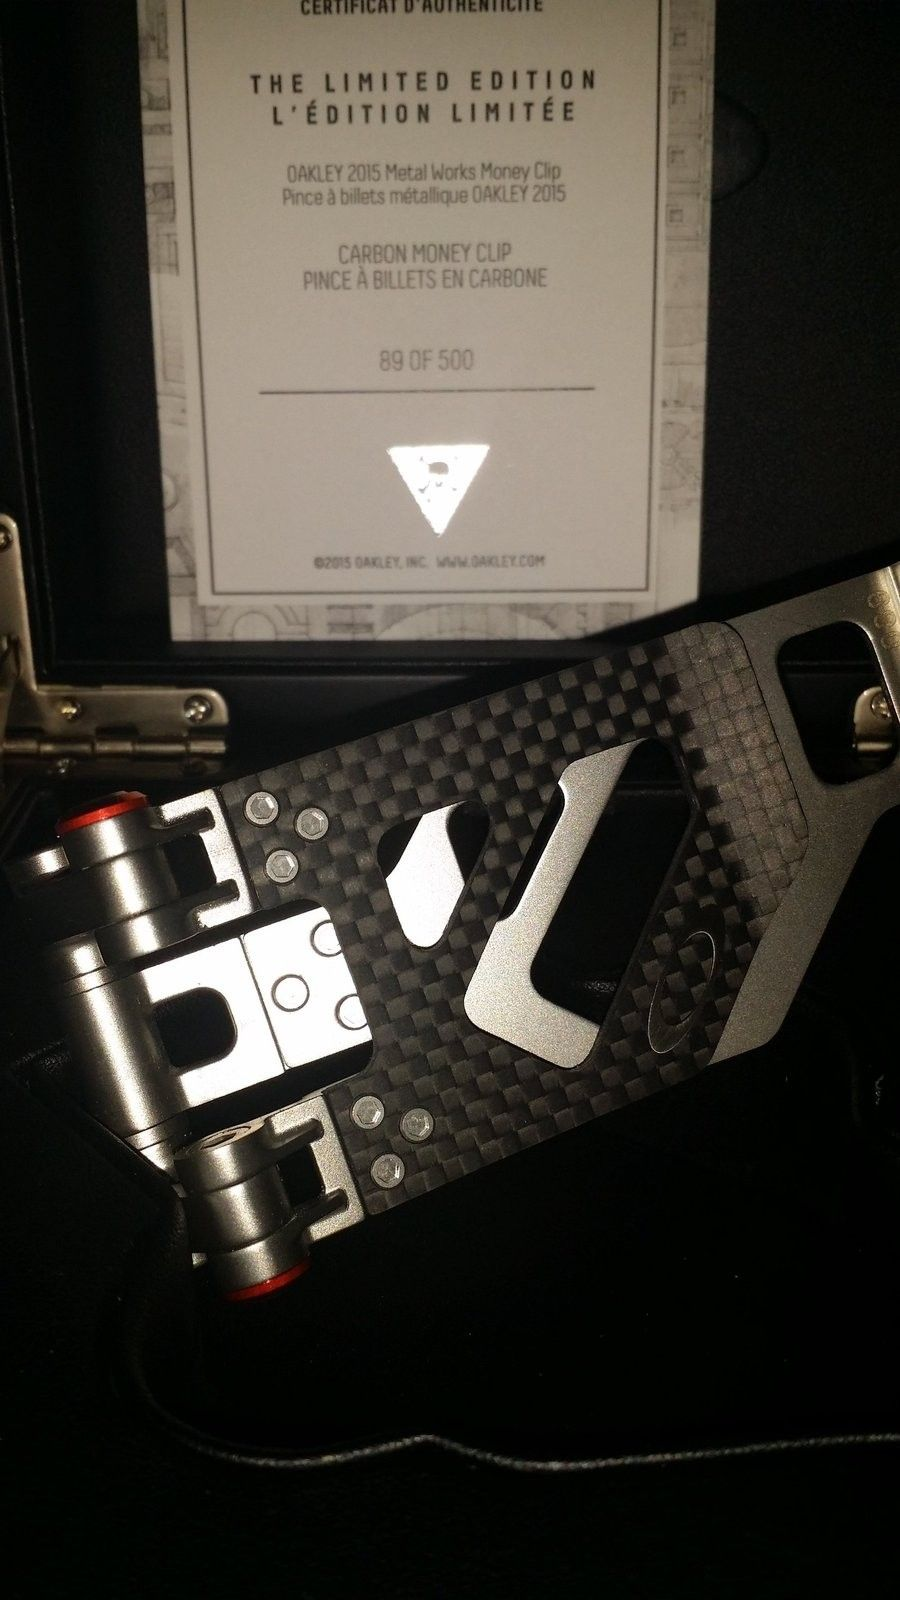 New carbon fiber clip - uploadfromtaptalk1432442806327.jpg